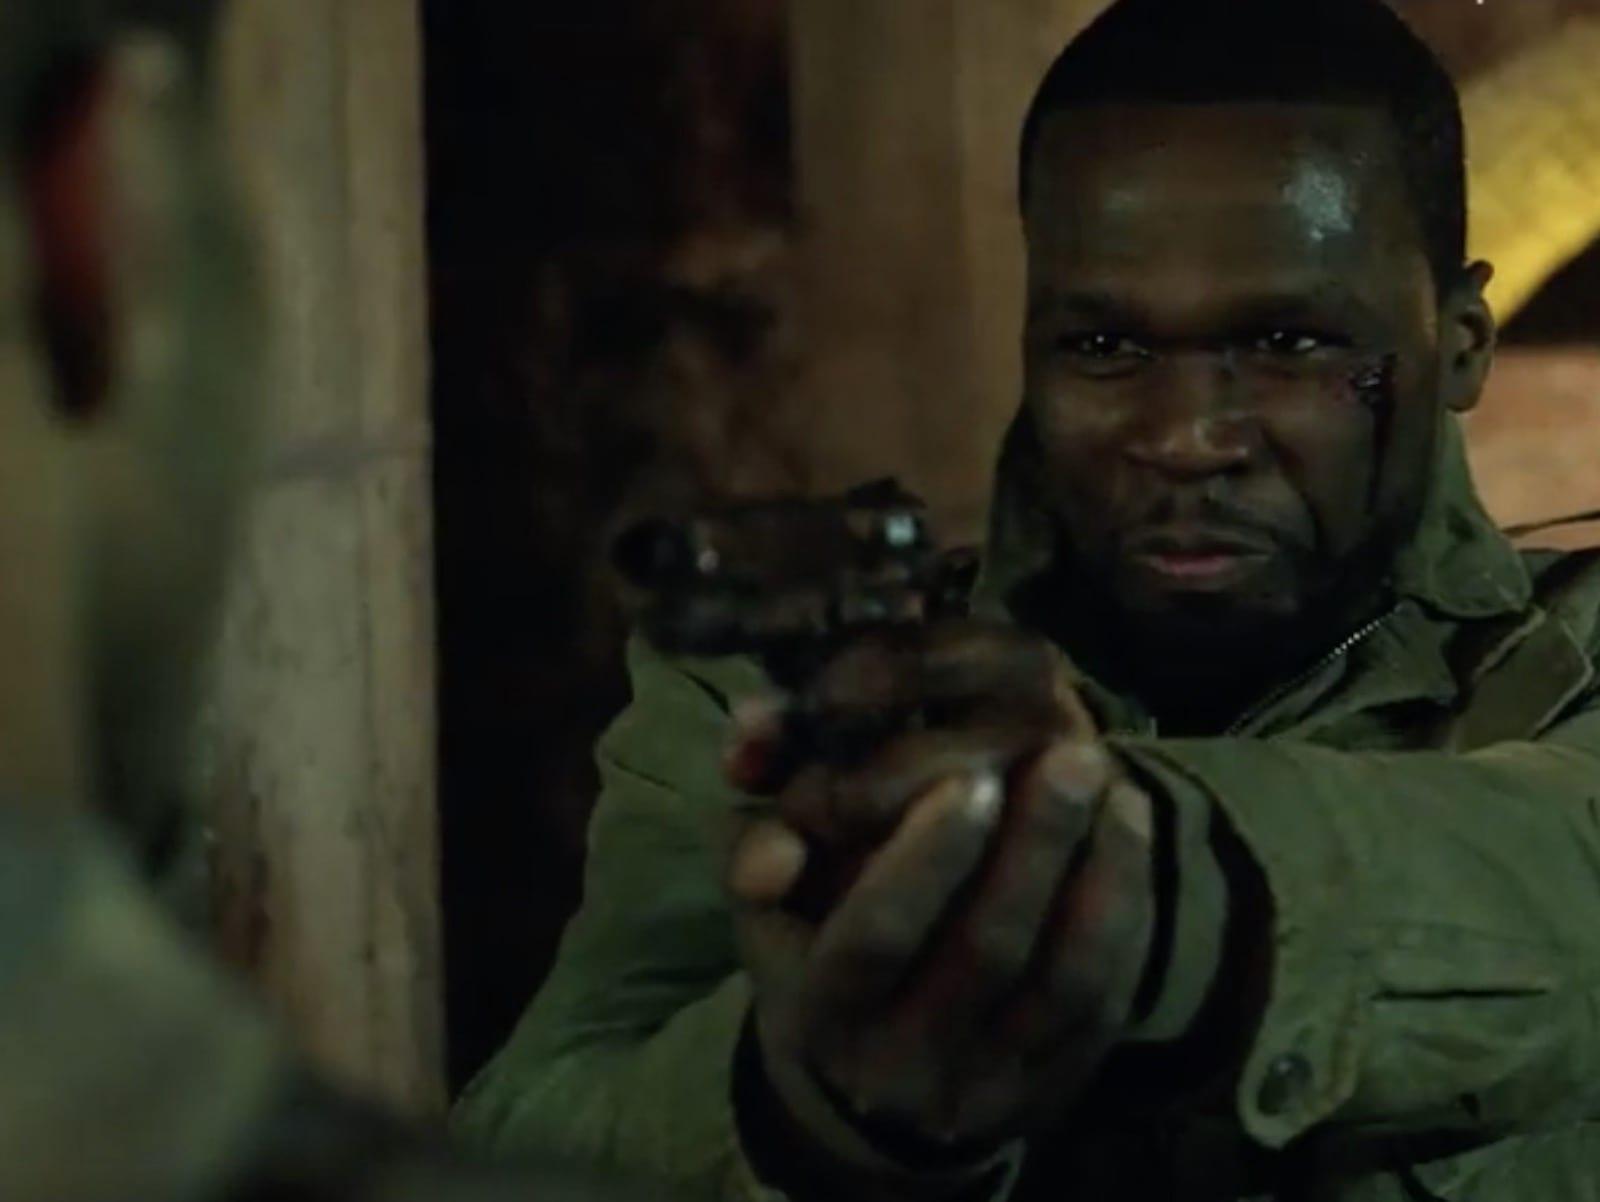 POWER 50 Cent Omari Hardwick Scene